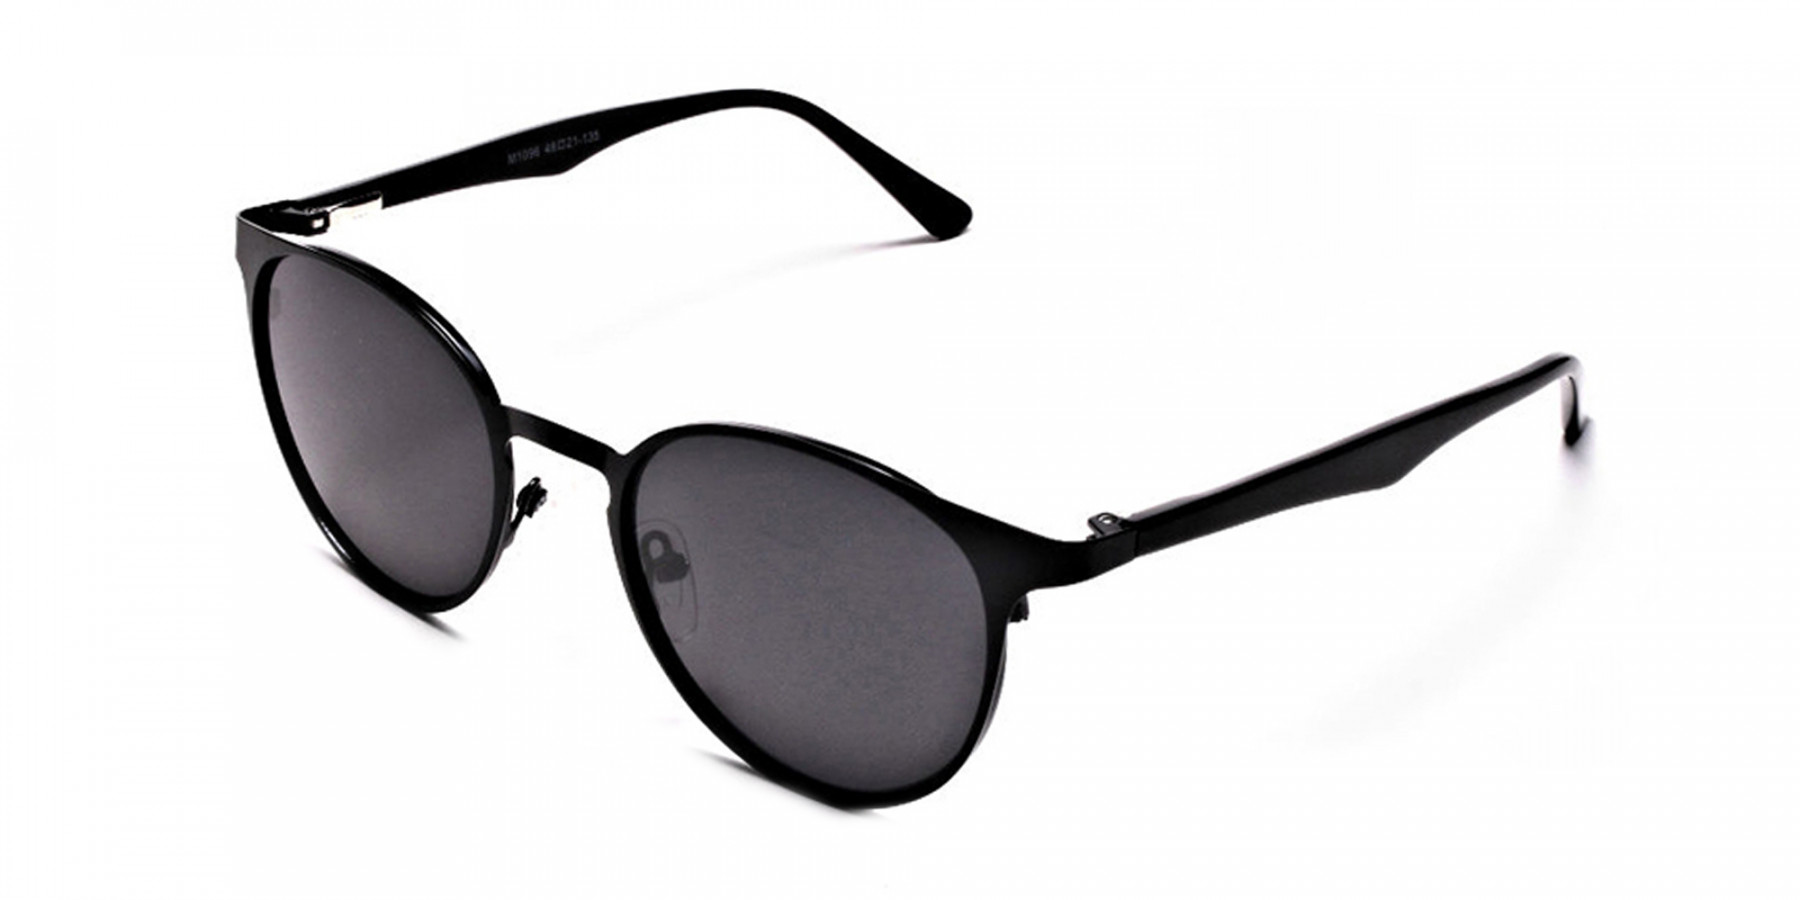 Black Retro Round Sunglasses - 2